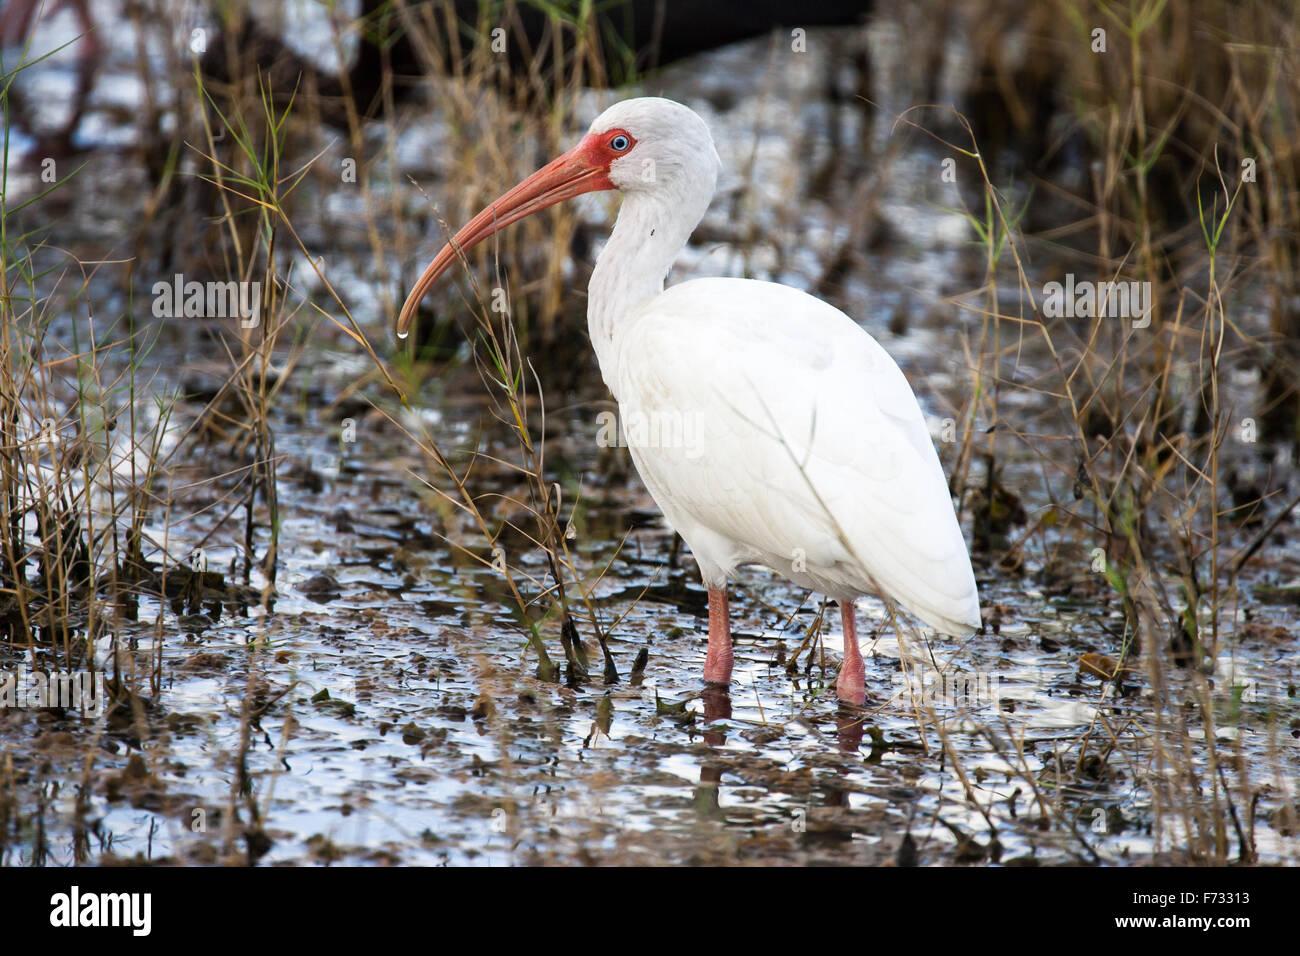 Un Americano bianco ibis guadare attraverso la zona umida. Immagini Stock